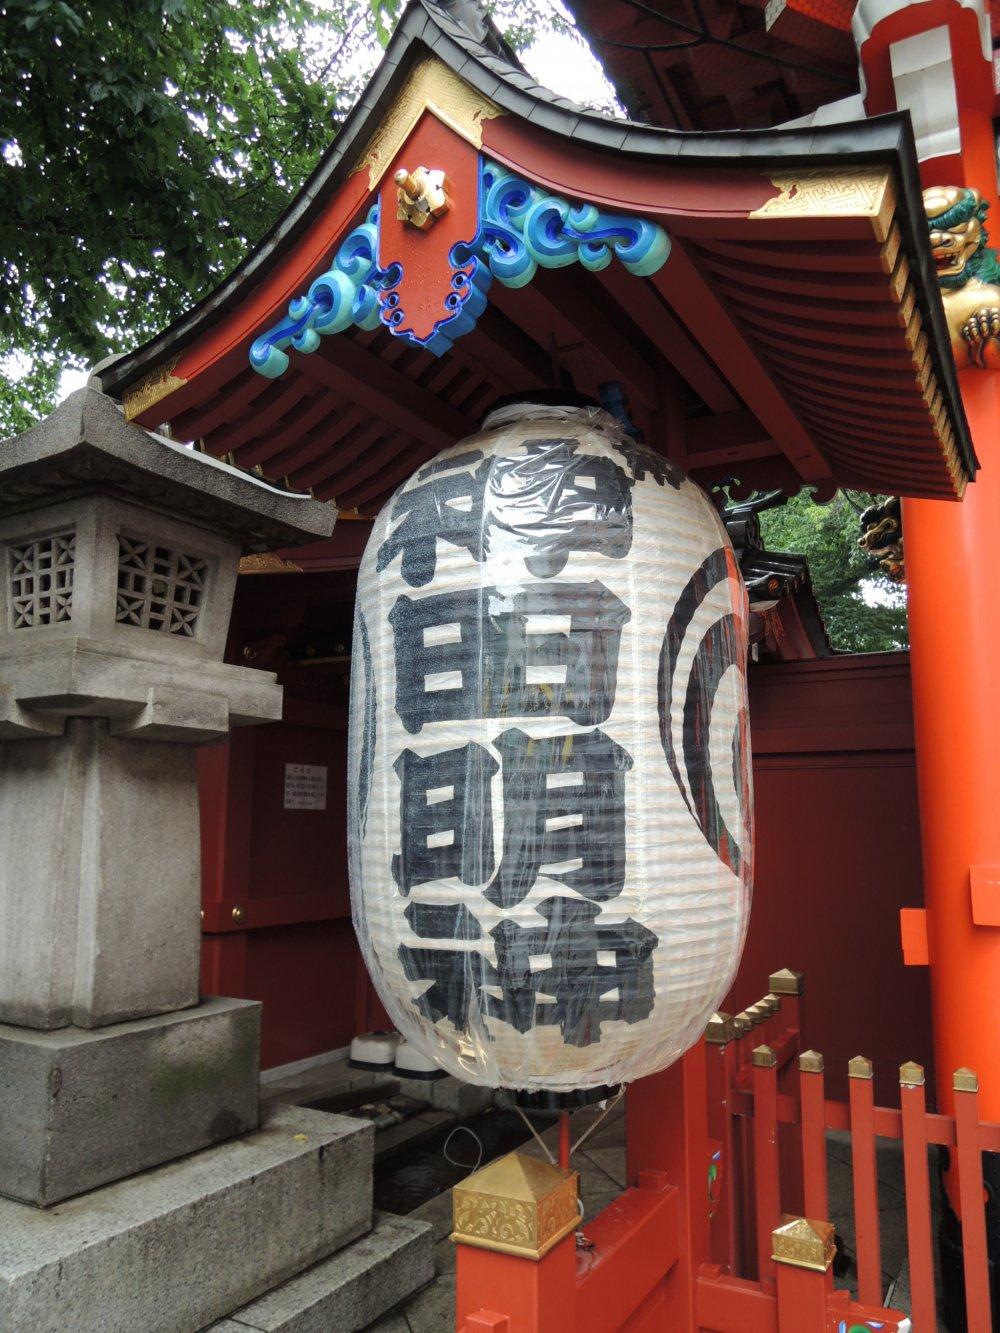 Chouchin (lantern) with Kanda Shrine written on it